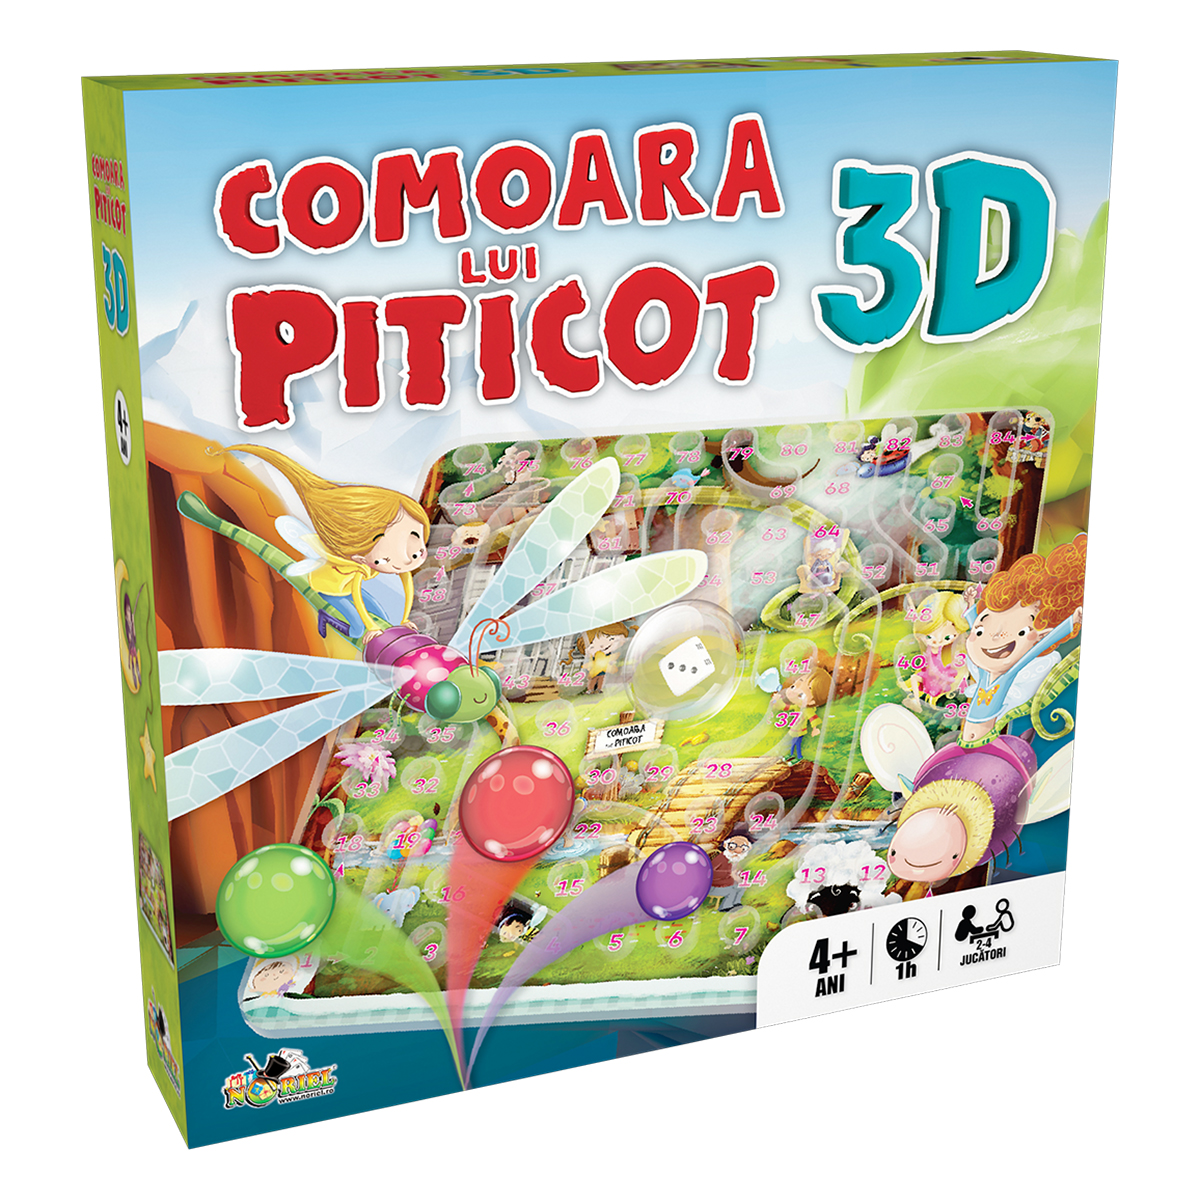 Joc Noriel Comoara Lui Piticot, 3d